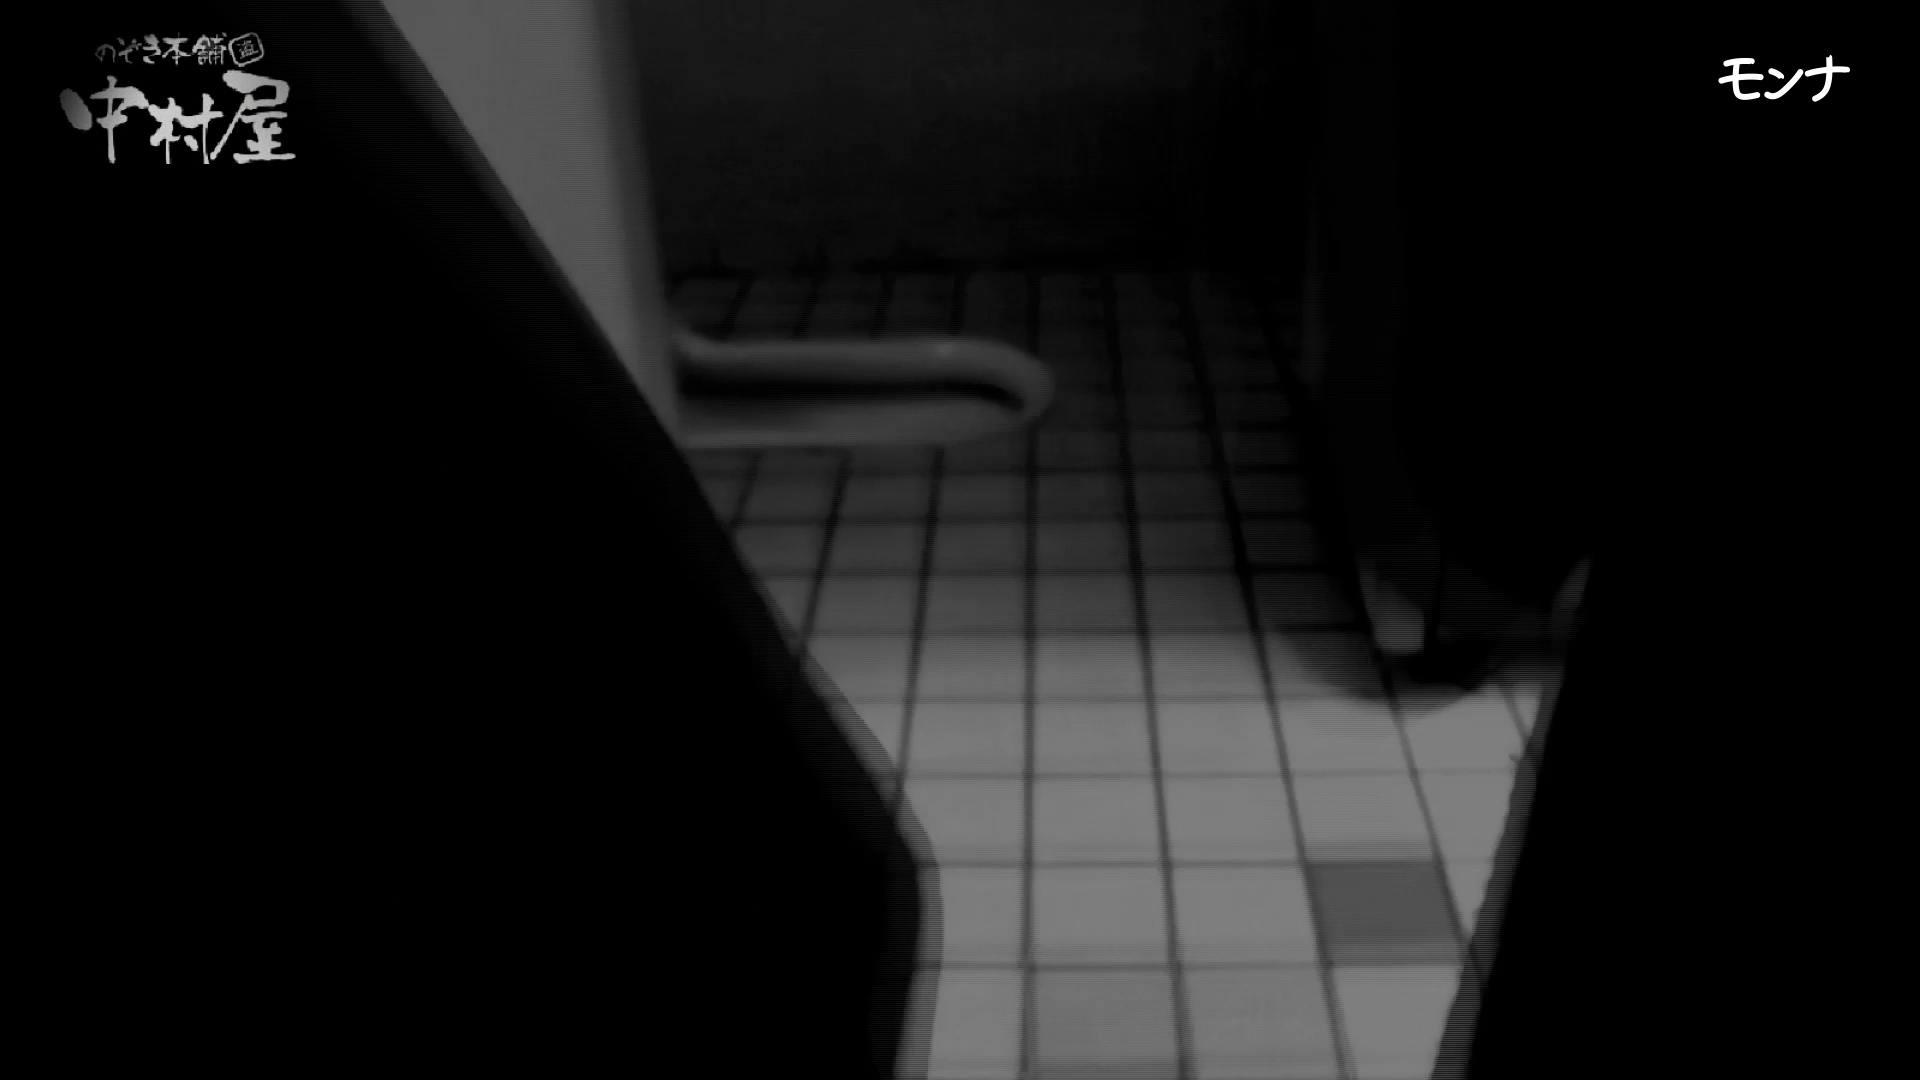 美しい日本の未来 No.47 冬Ver.進化 細い指でほじくりまくる!前編 HなOL セックス画像 79pic 42